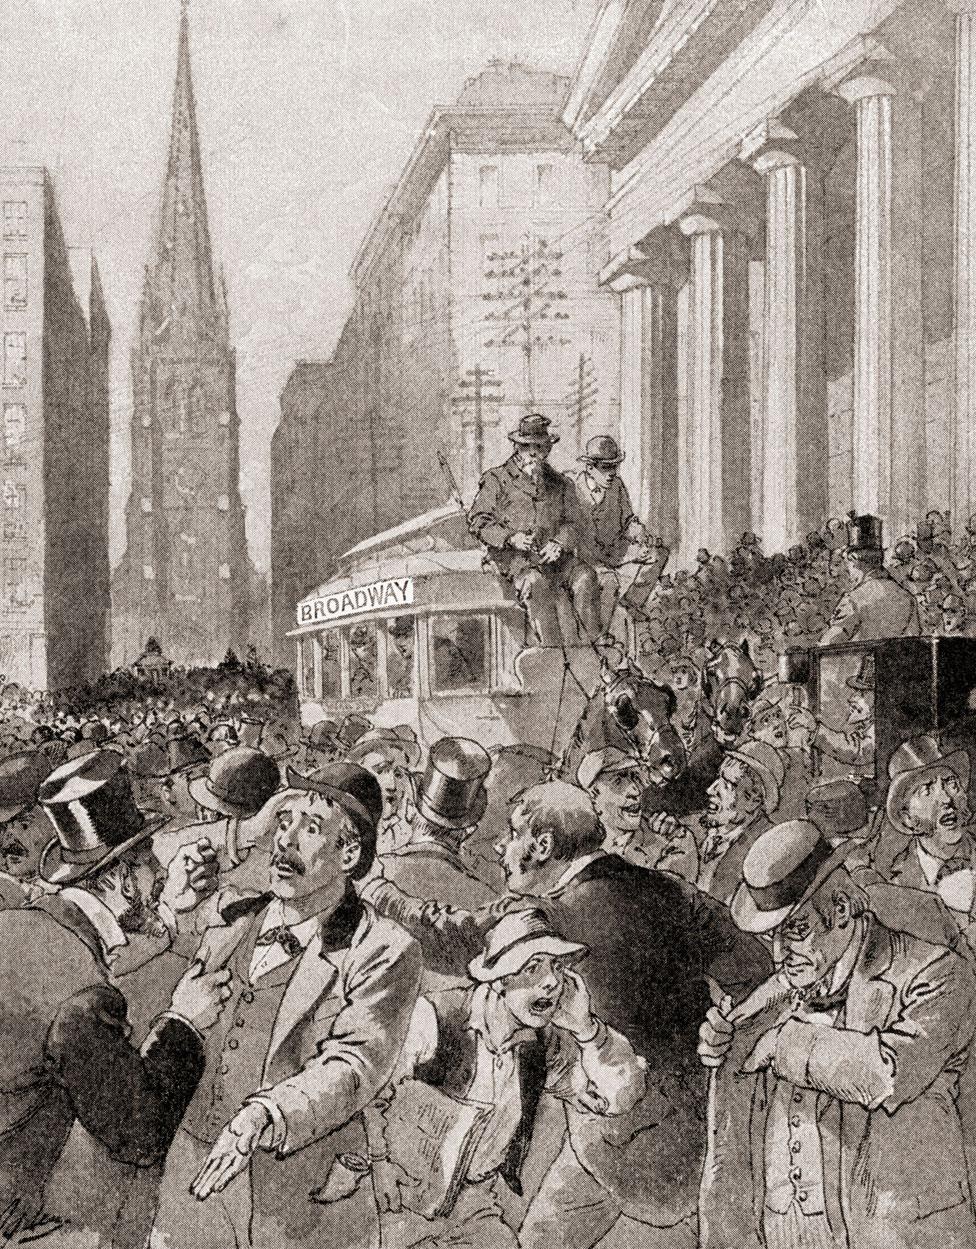 Una ilustración del pánico y la desolación durante el famoso Viernes Negro.